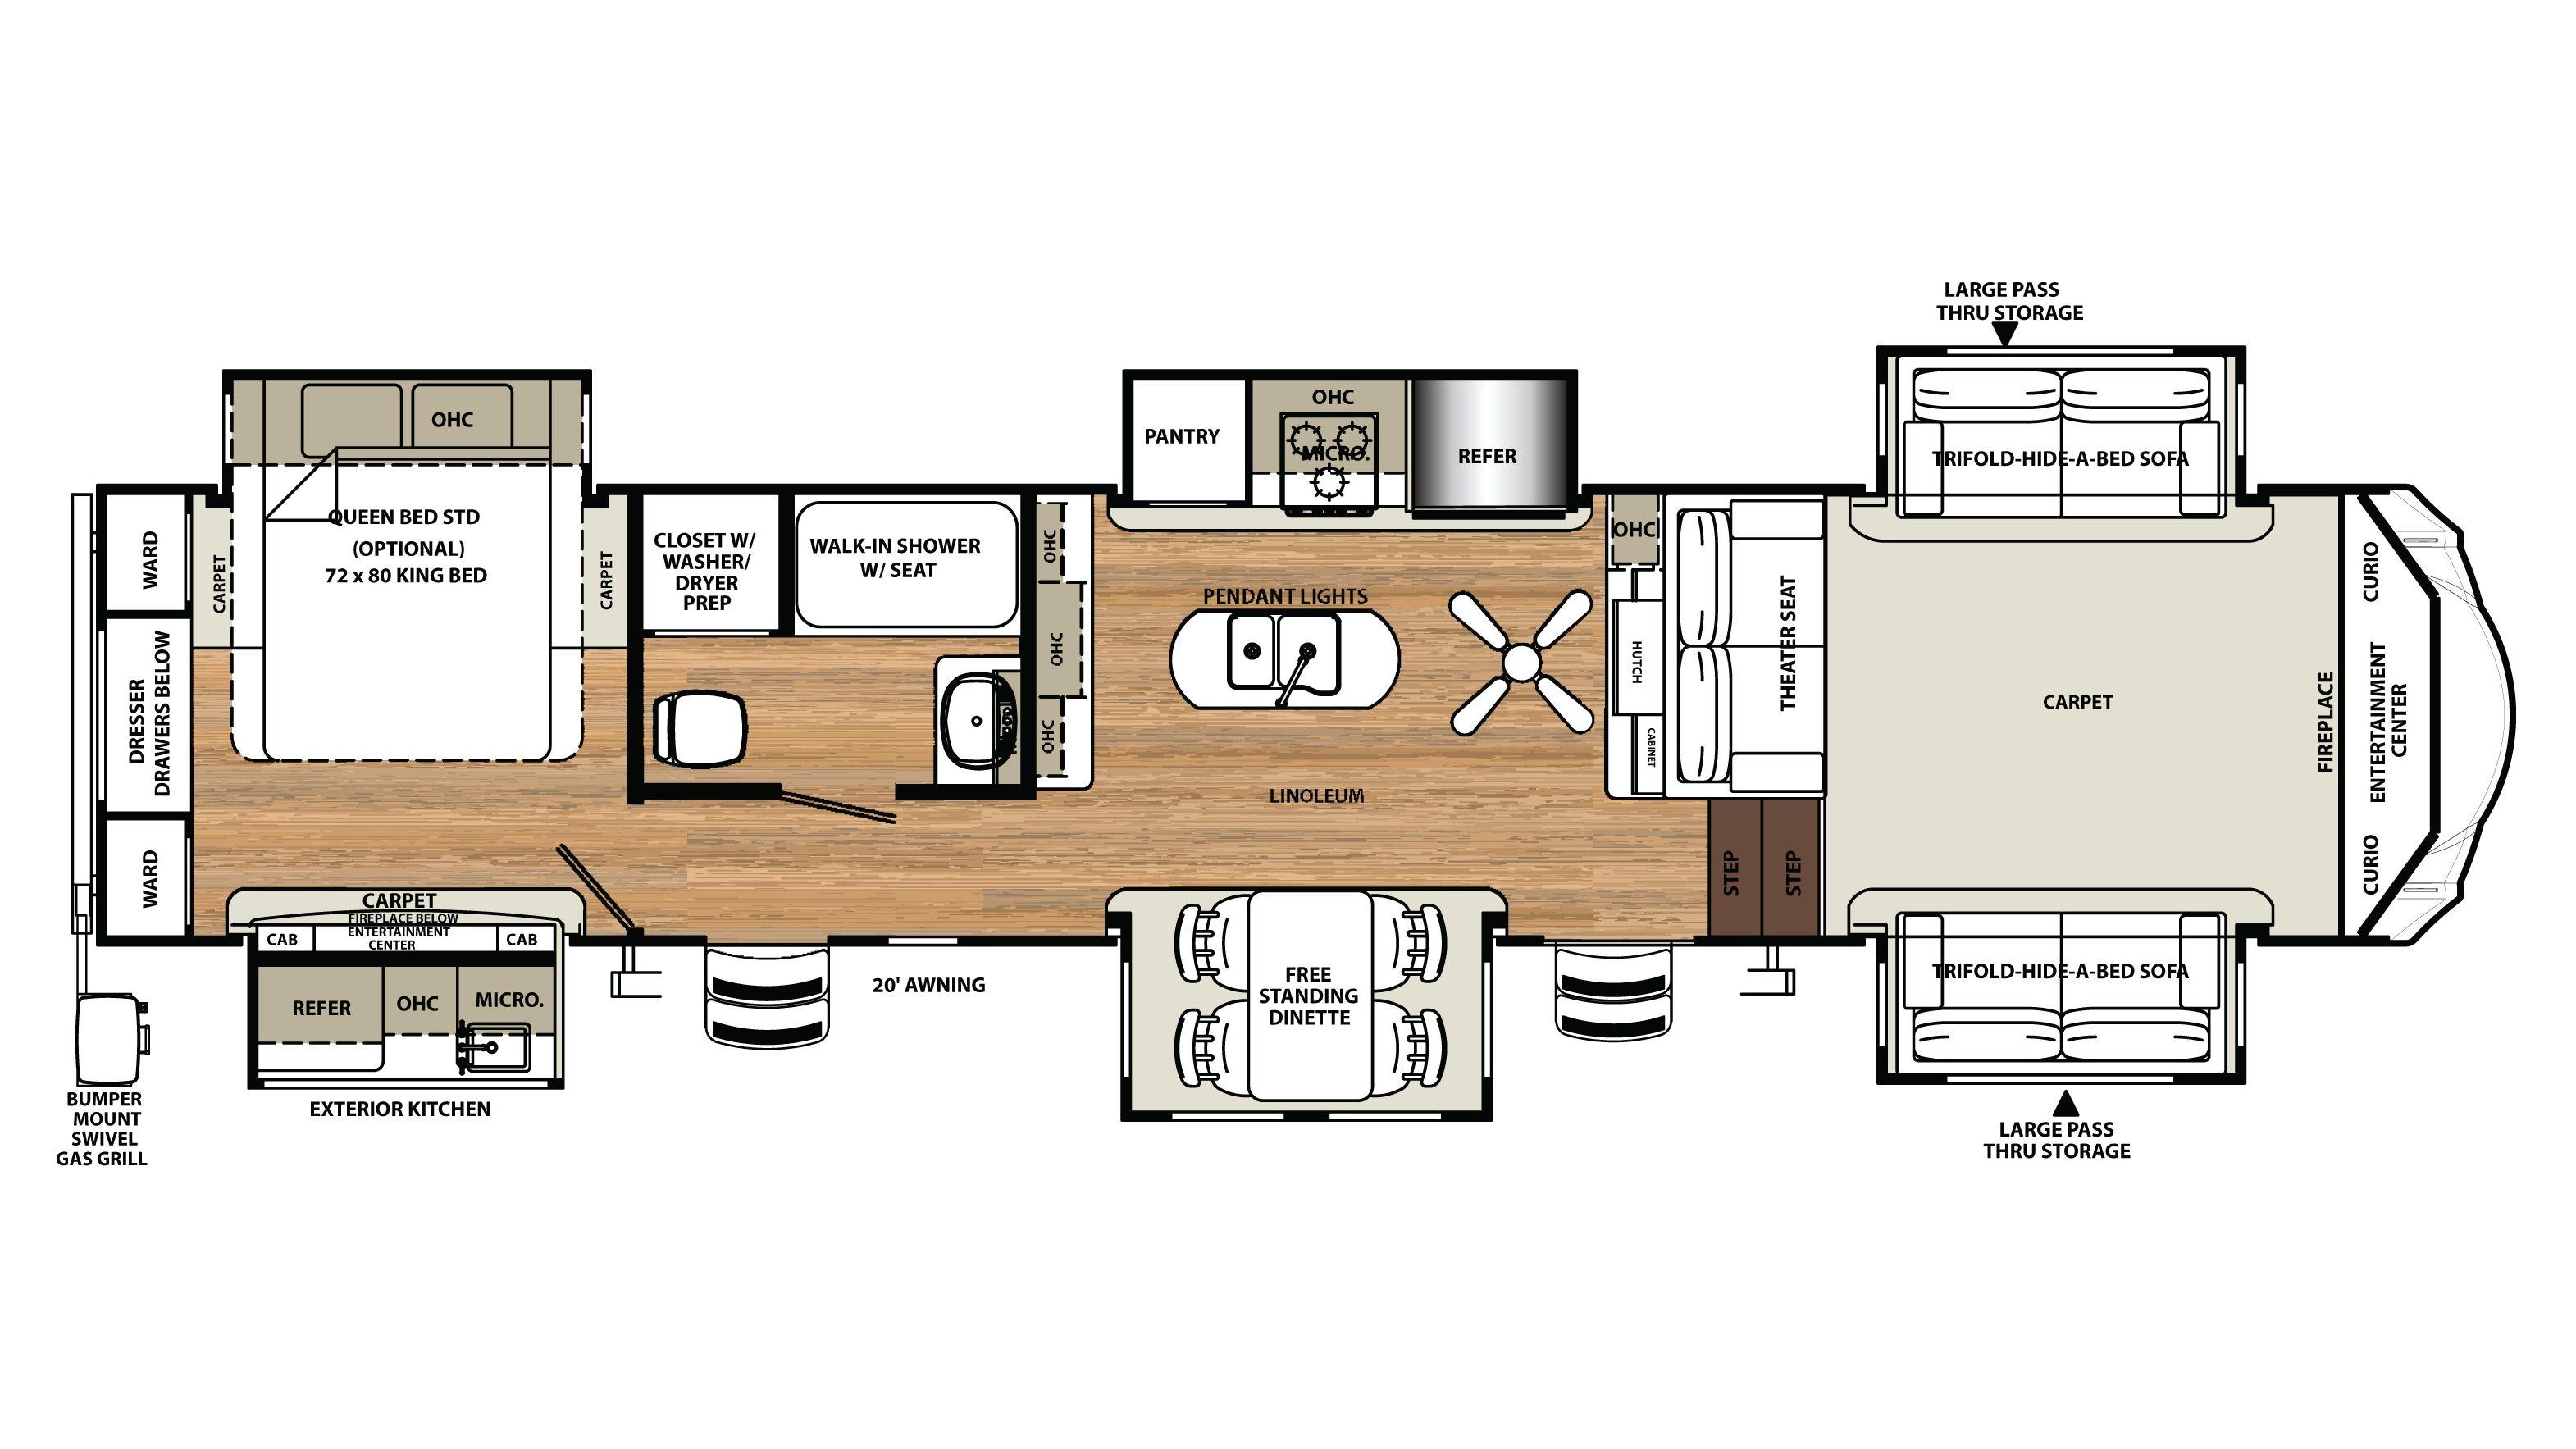 Sandpiper 5th Wheel Rv Floor Plans Rv Floor Plans Travel Trailer Floor Plans Camper Flooring